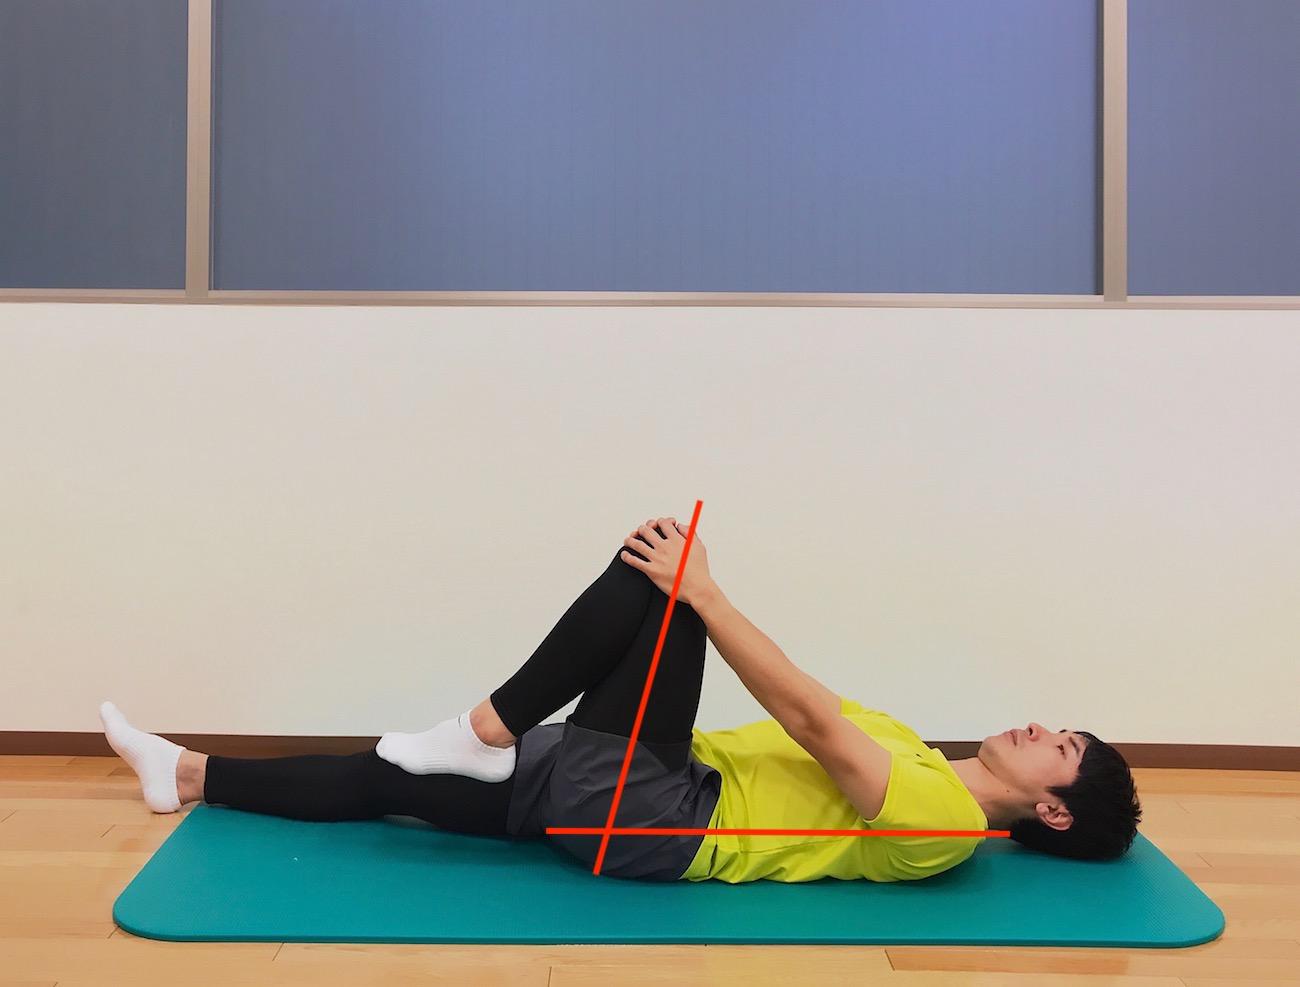 仰向けの姿勢で行うもも裏(ハムストリングス)とお尻(大殿筋)の筋肉のストレッチの方法